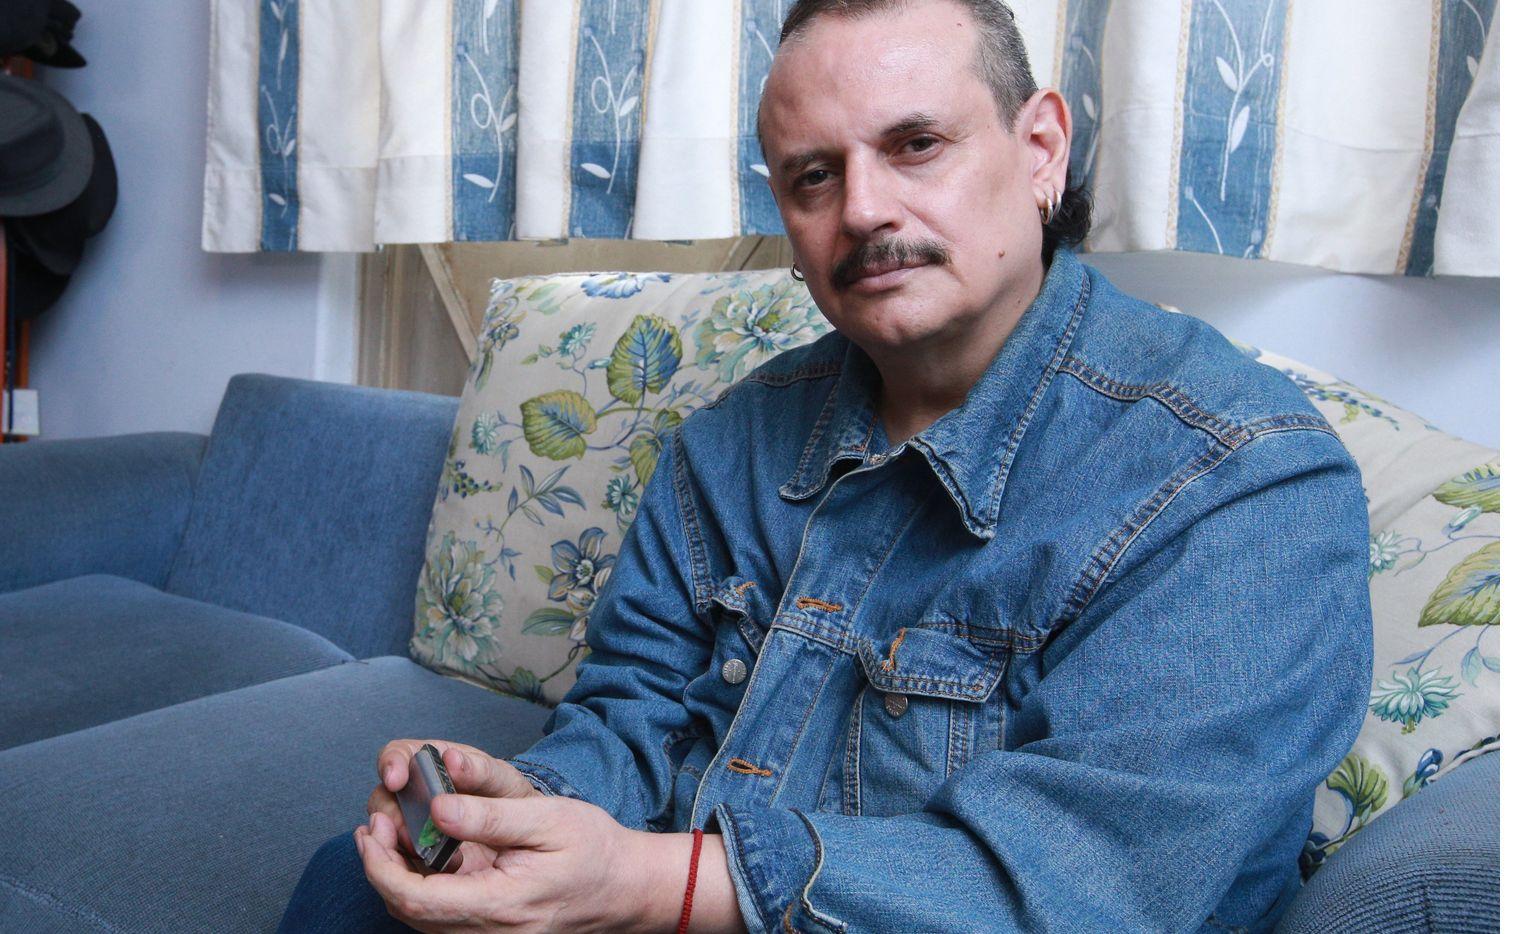 Debido a la pandemia, José Cruz se ha visto obligado a pedir donaciones a sus fans para solventar gastos de salud y no detener el tratamiento que le es administrado para la esclerosis múltiple, detectado en 2005.